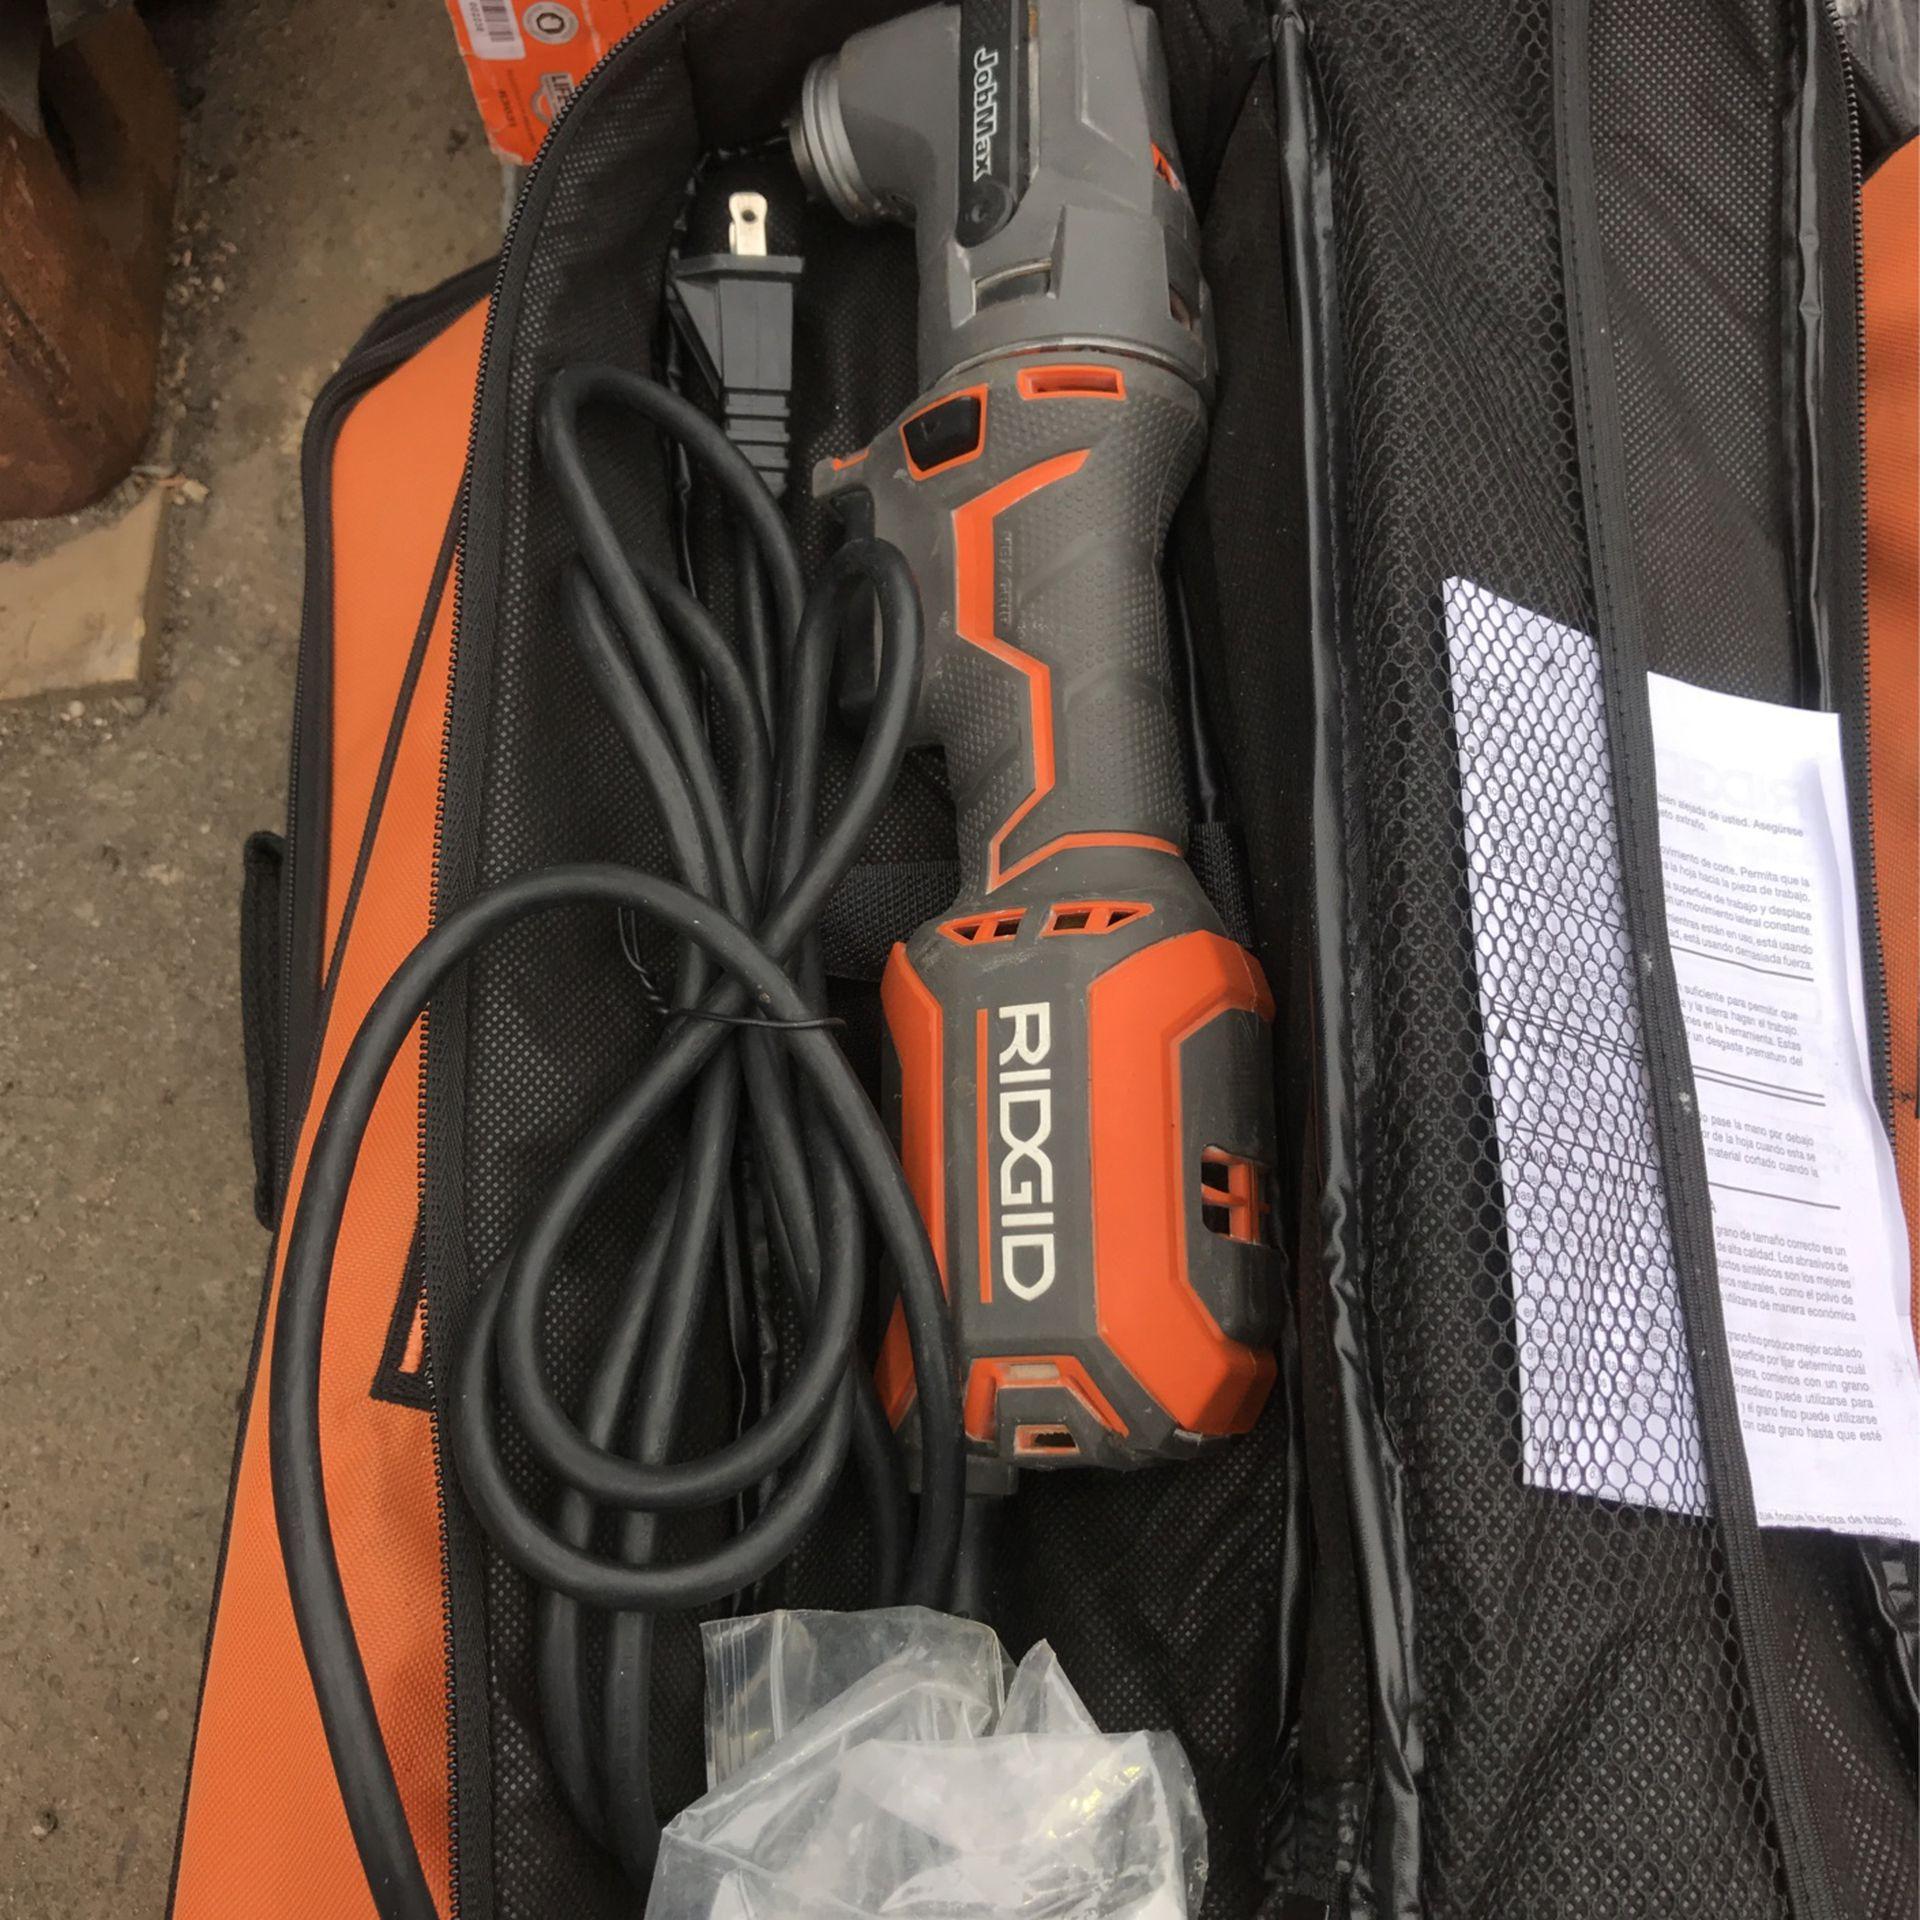 RIDGID 4 Amp Corded JobMax Multi-Tool with Tool-Free Head